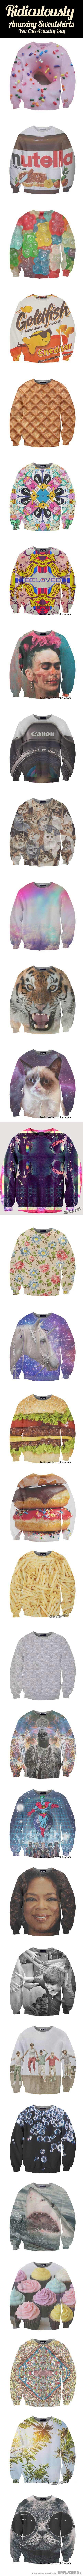 Ridiculously Amazing Sweatshirts…  The unicorn one though! <3 <3 <3 <3